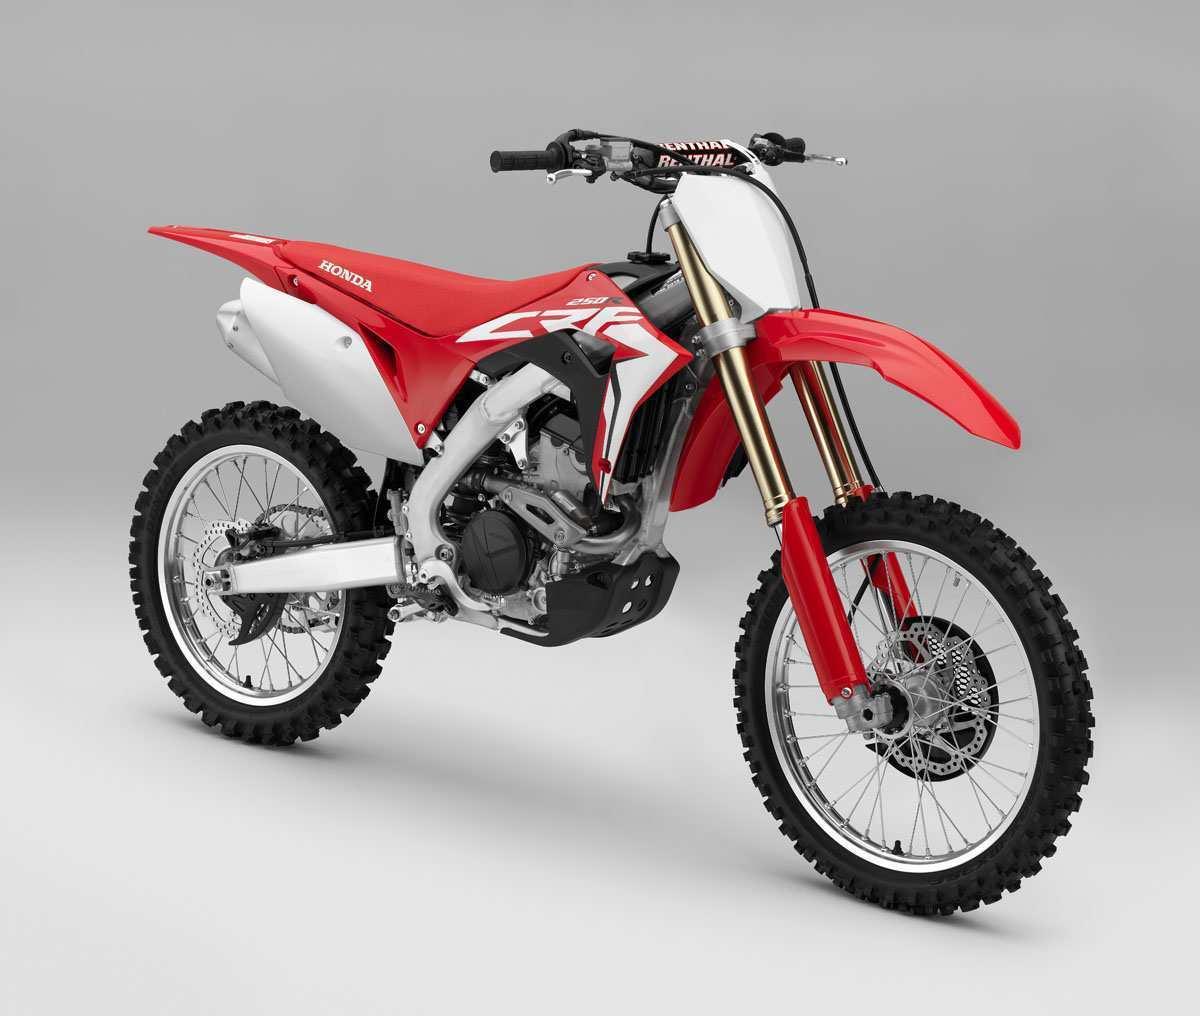 80 Concept of 2019 Suzuki Rm 500 Performance by 2019 Suzuki Rm 500